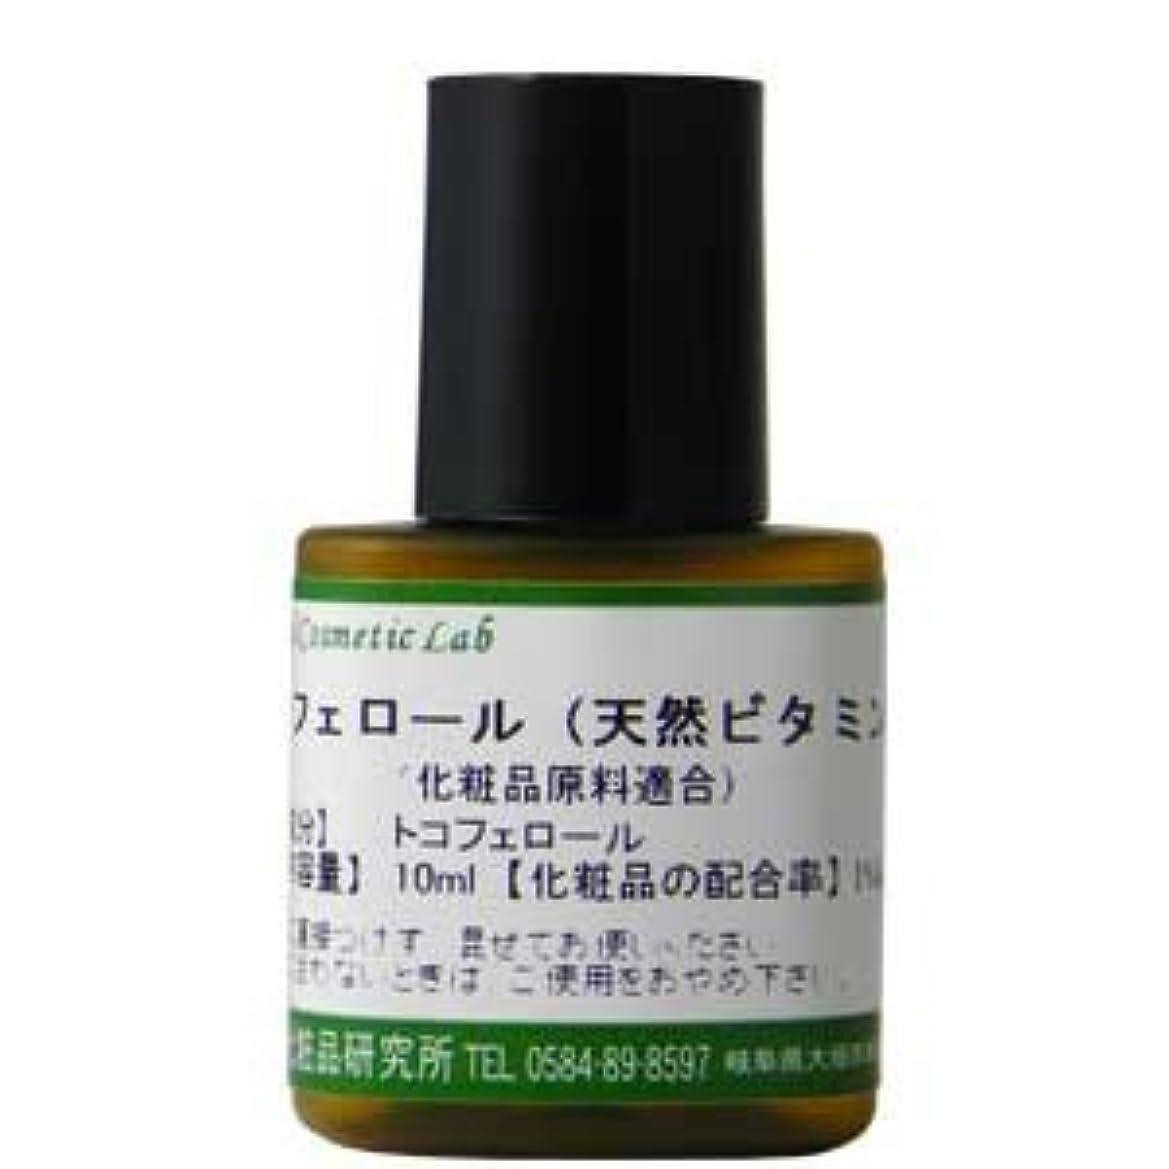 してはいけないコカイン軽減するトコフェロール (天然 ビタミンE) 化粧品原料 10ml